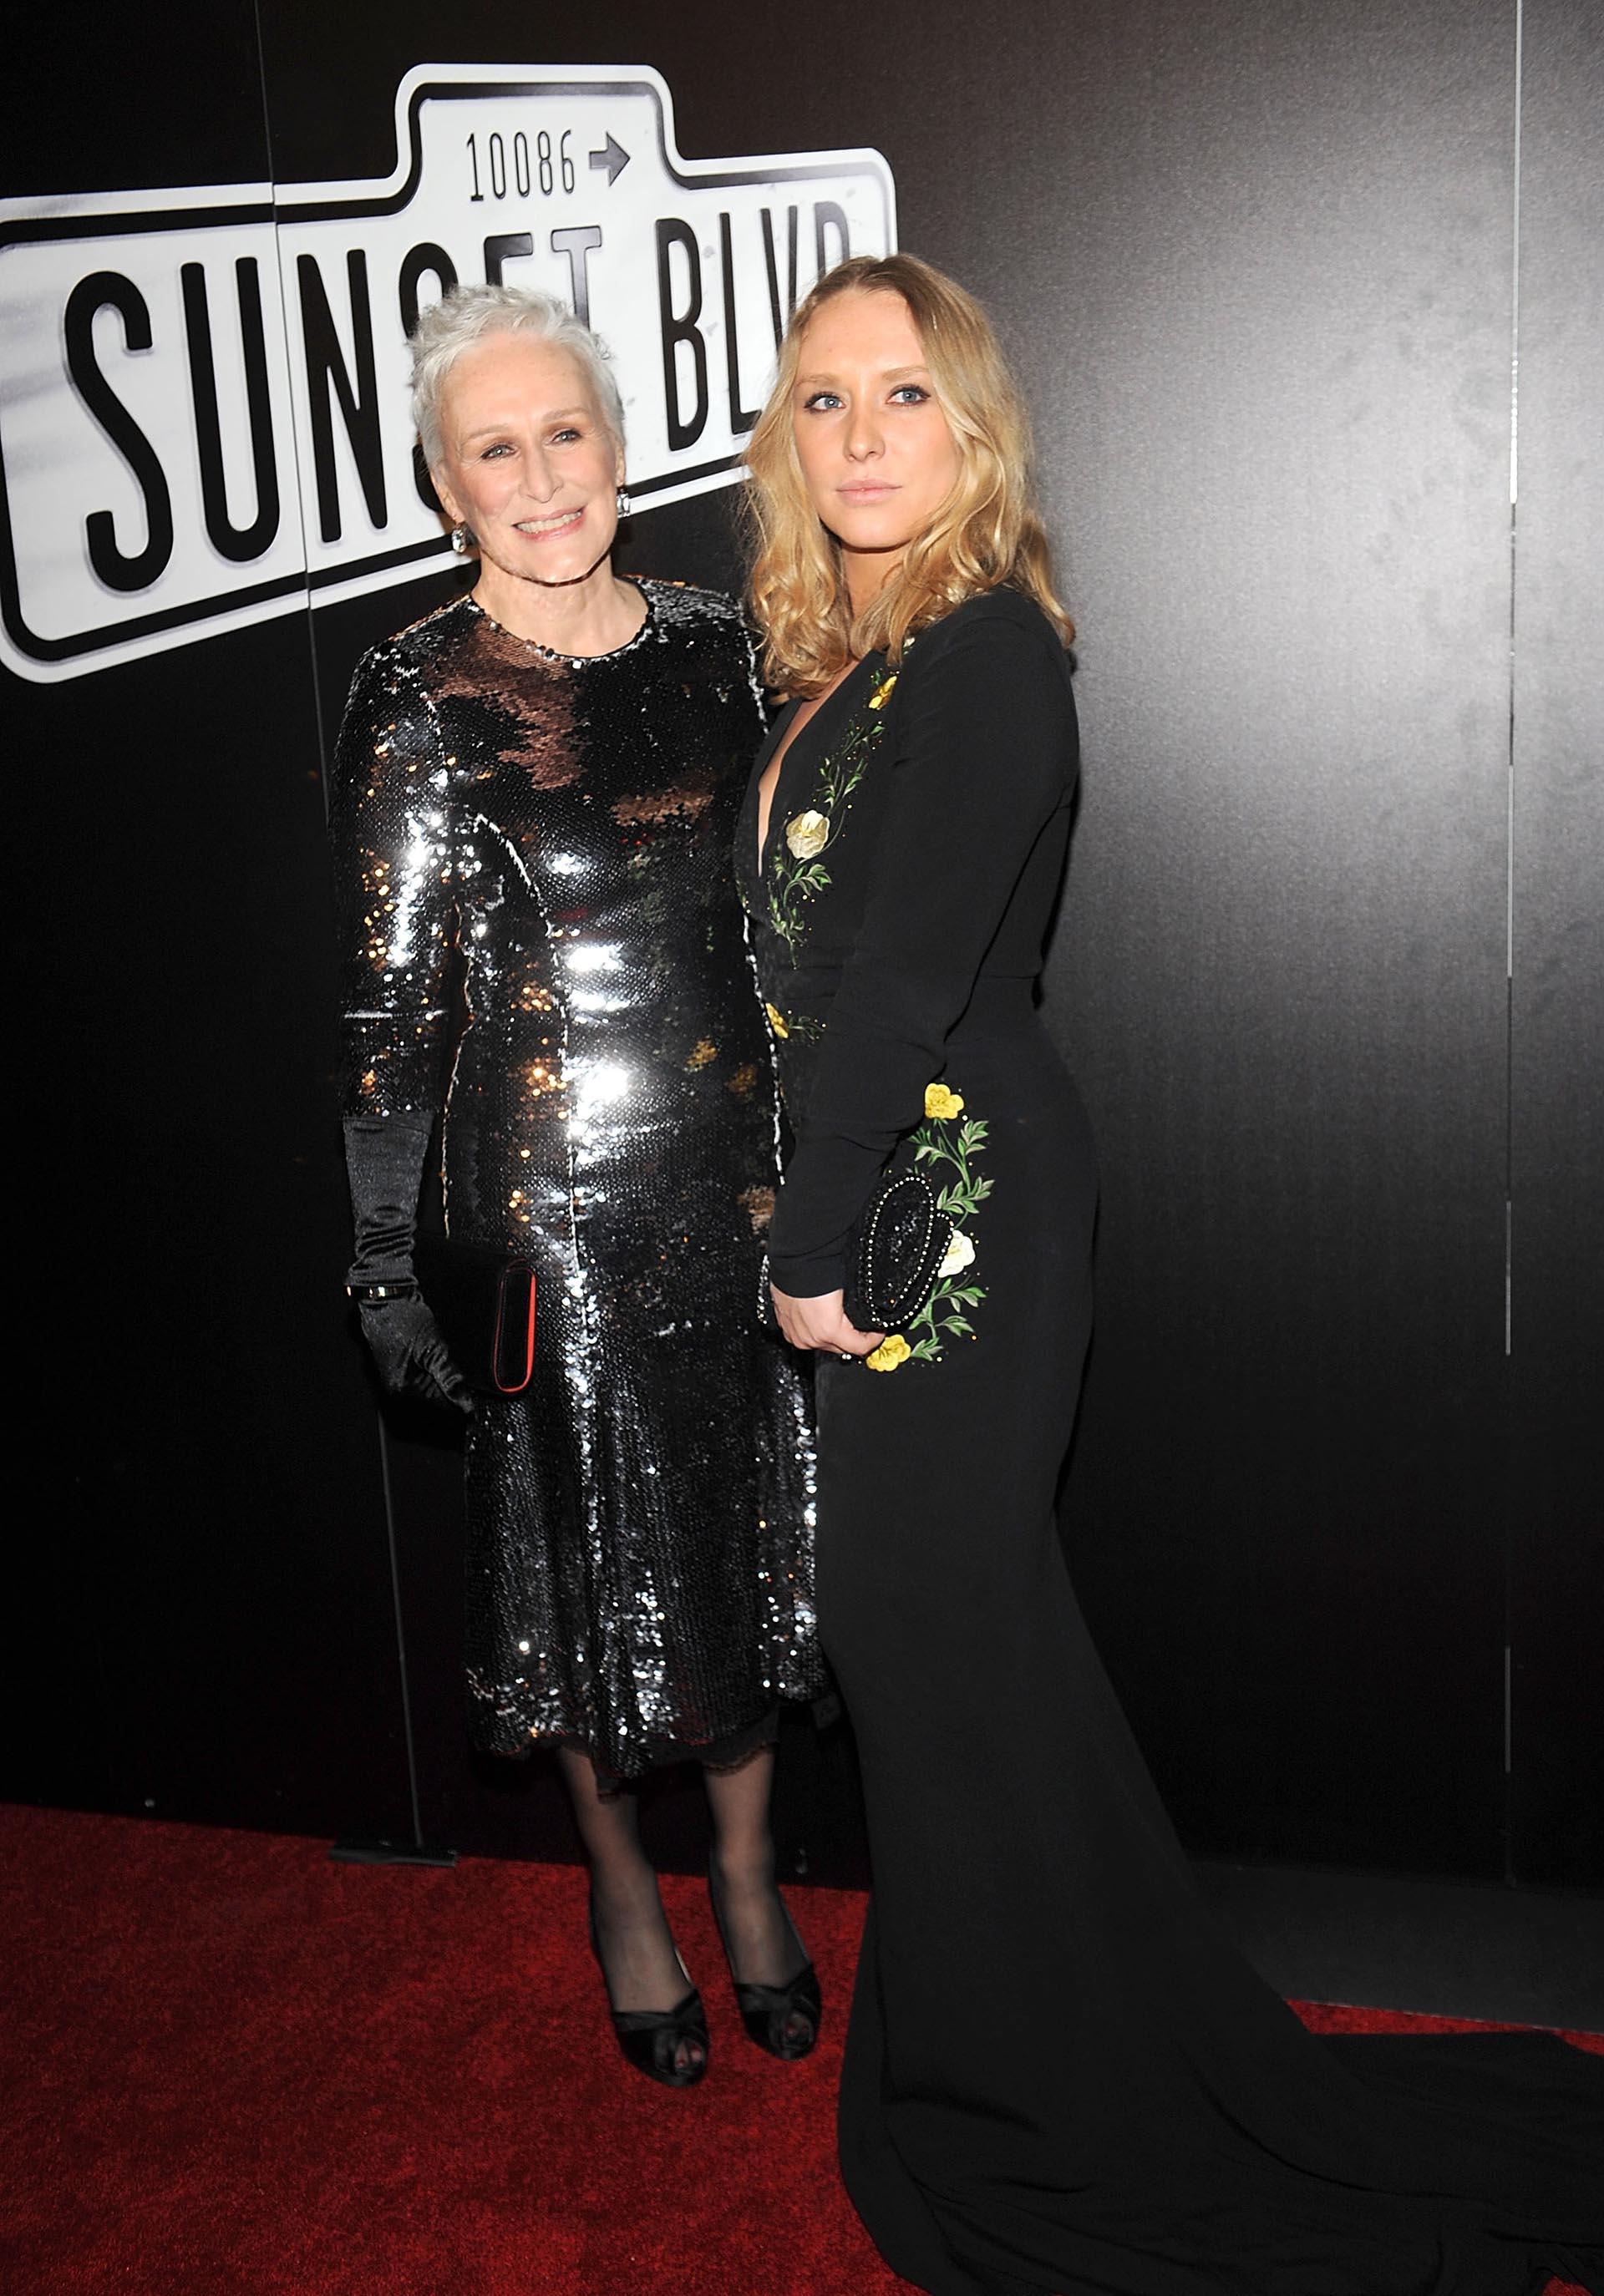 La actriz se mostró feliz con la compañía de su única hija, Annie Starke